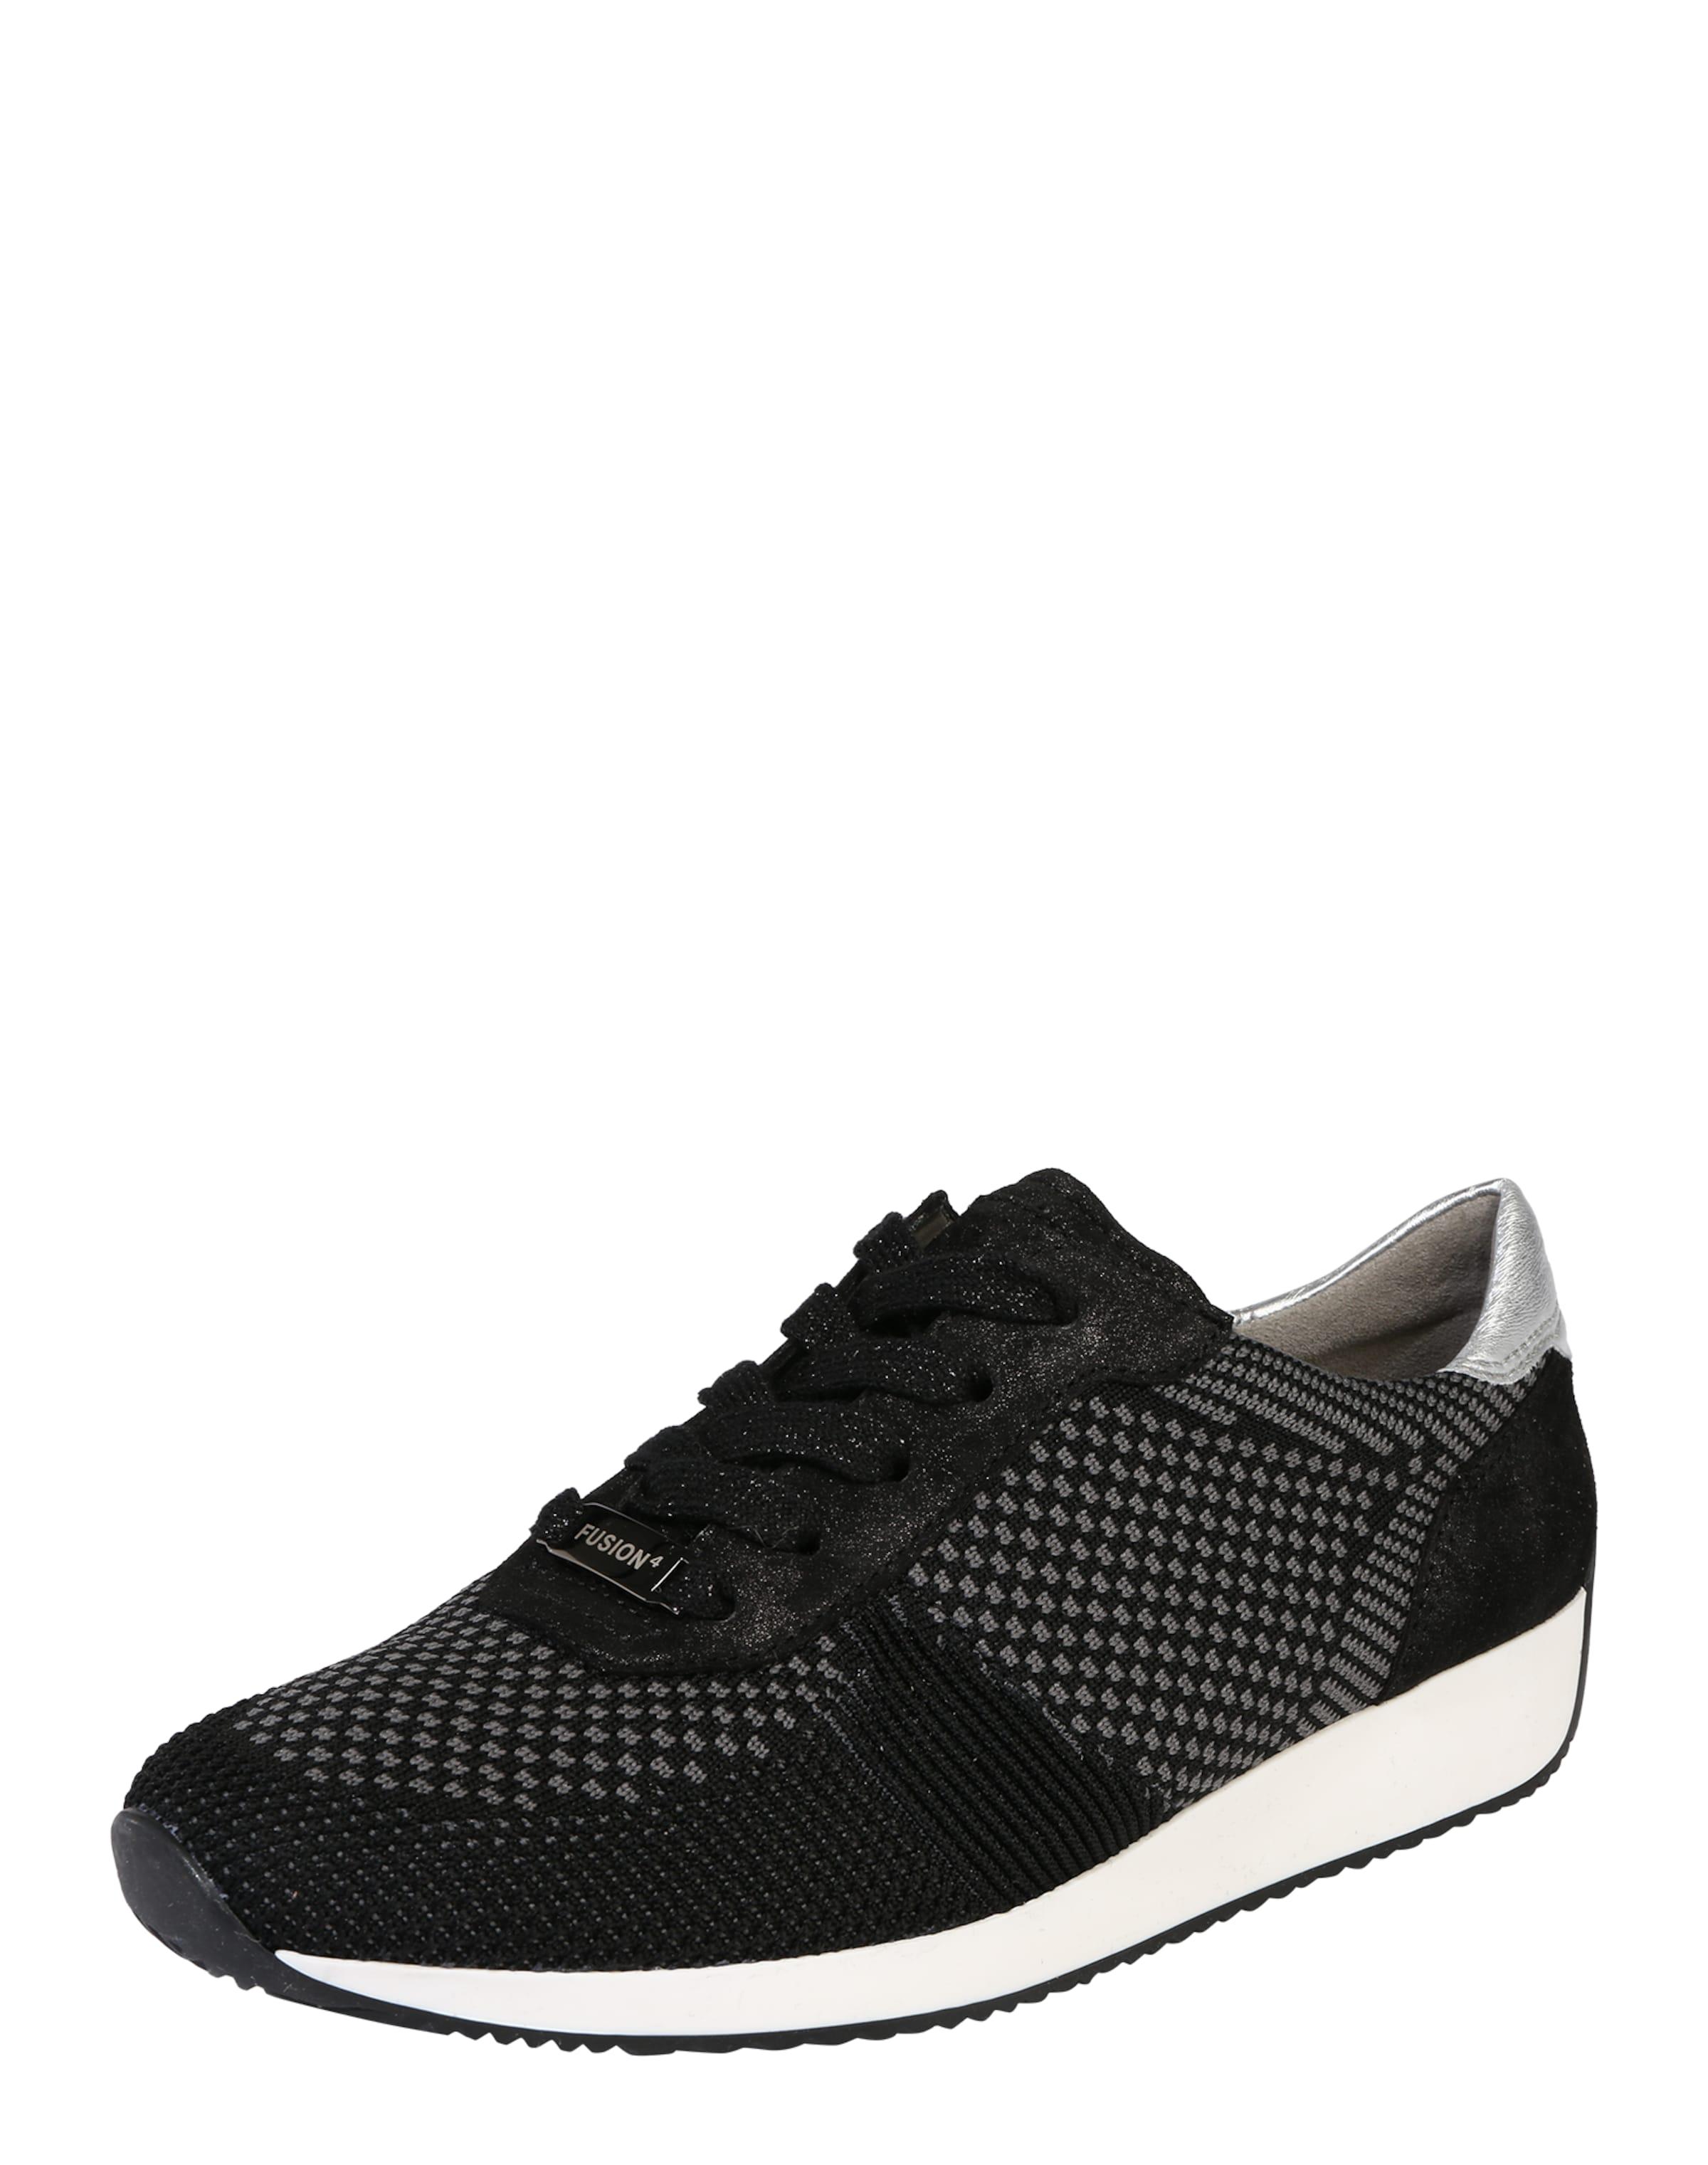 Günstig Kaufen Limited Edition Neue Preiswerte Online ARA Sneaker 'Lissabon' Beste Online Eastbay Günstigen Preis Auslauf fjIXl